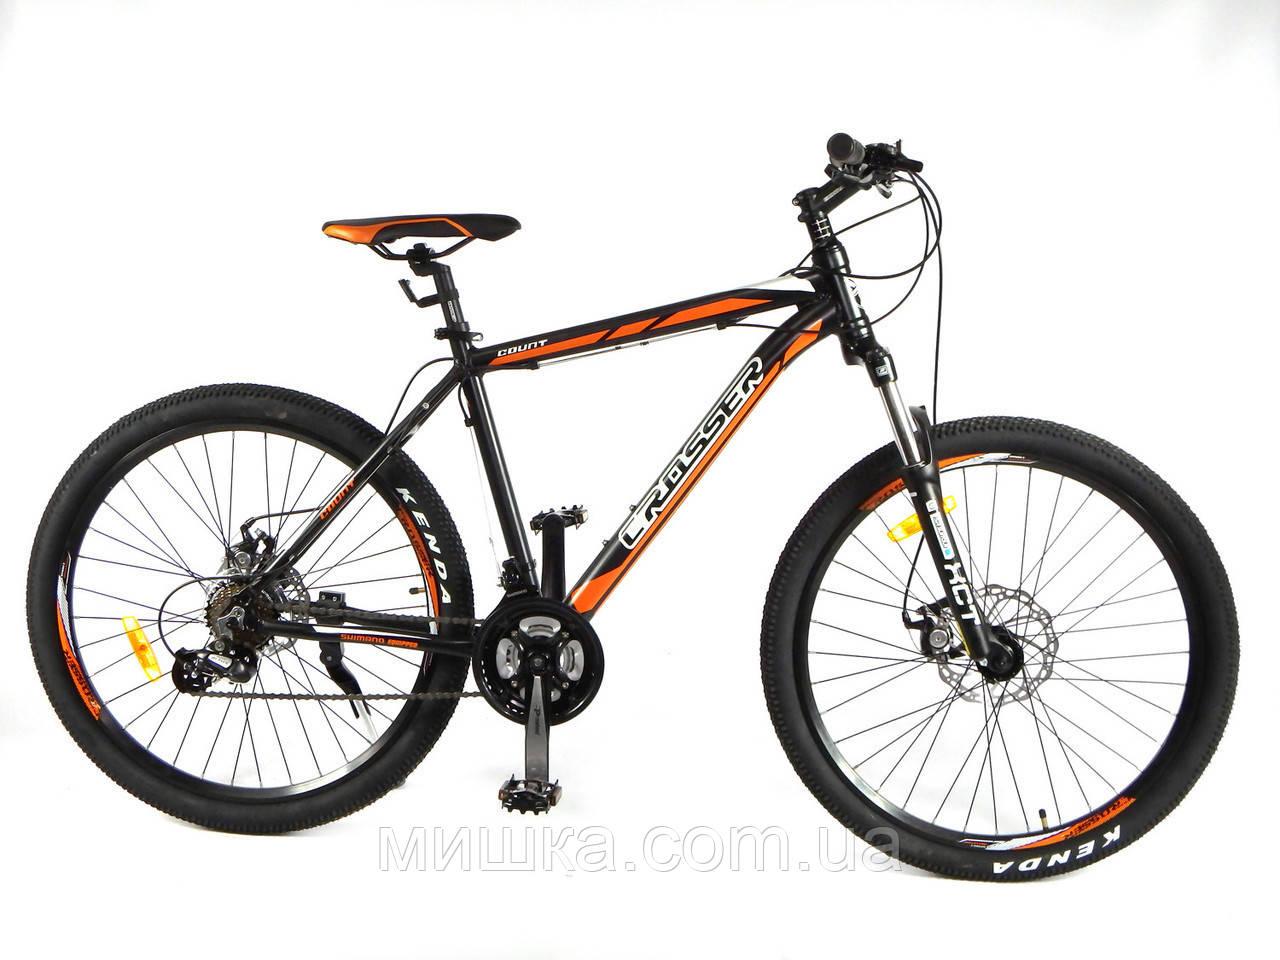 """Велосипед Crosser Count-1*21 29"""" чорно-зелений гірський алюмінієвий"""